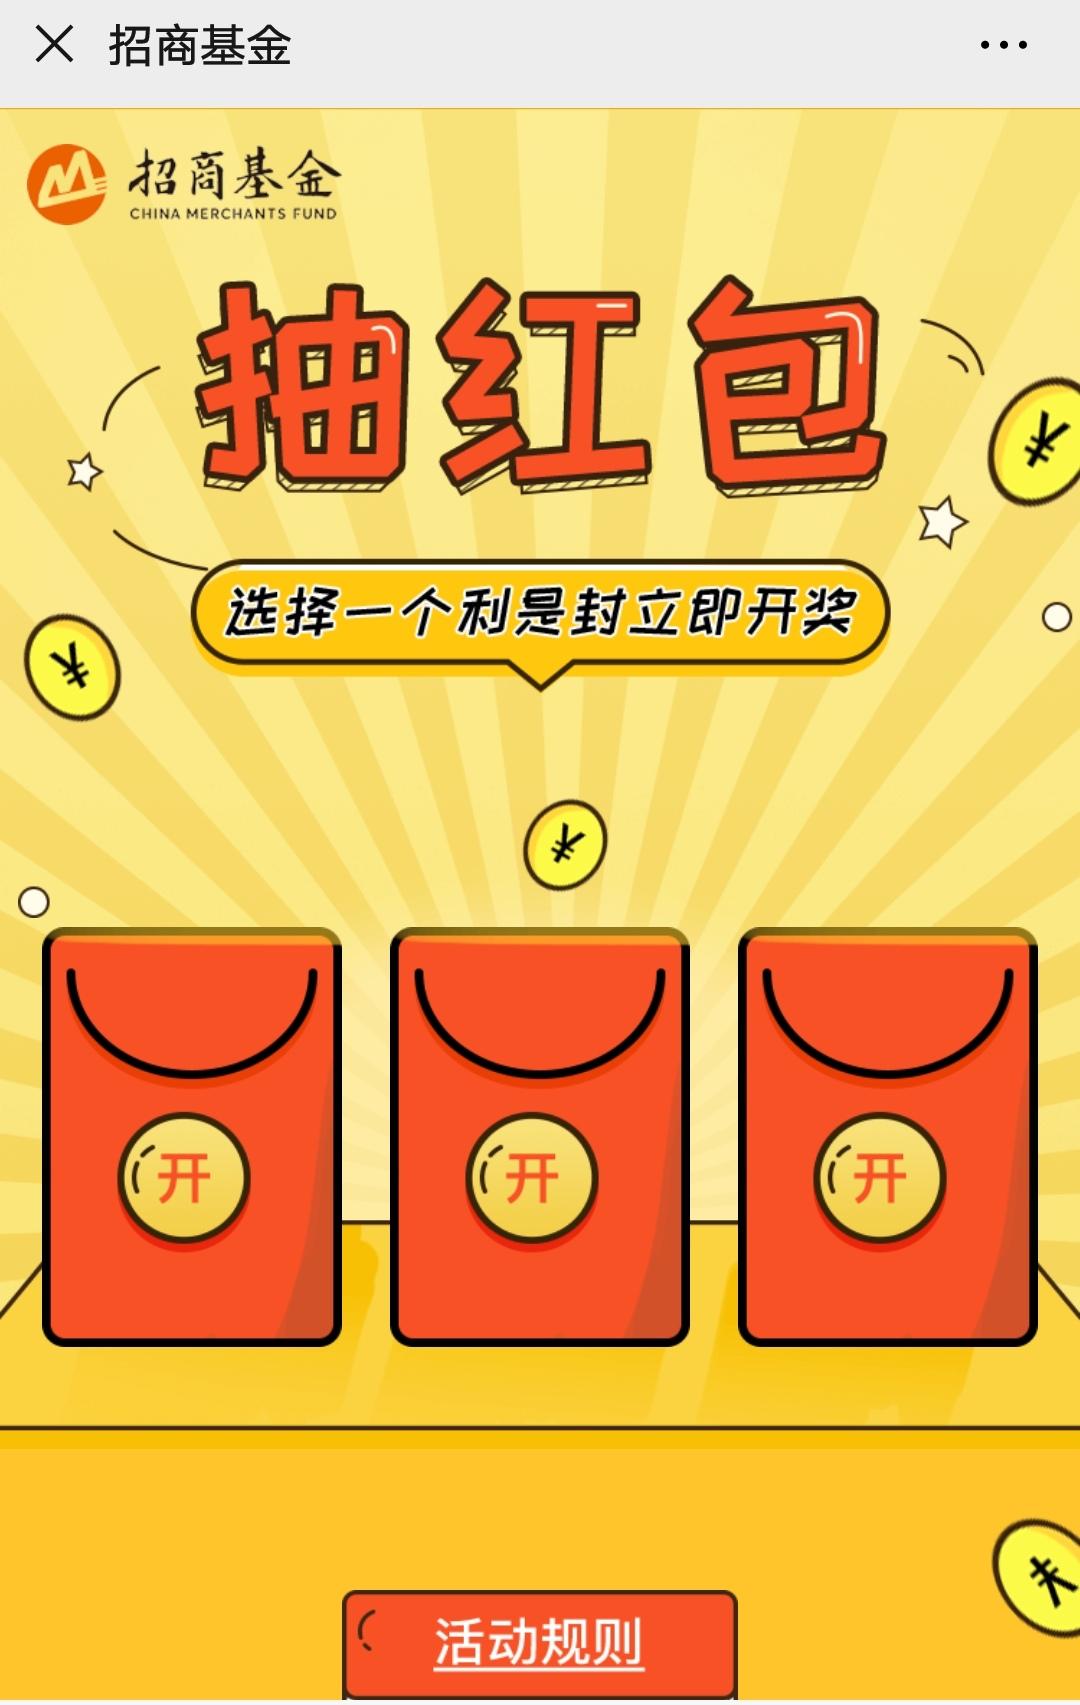 招商基金五一假期拆利是封抽0.3-6.66元微信红包奖励〔非必中〕